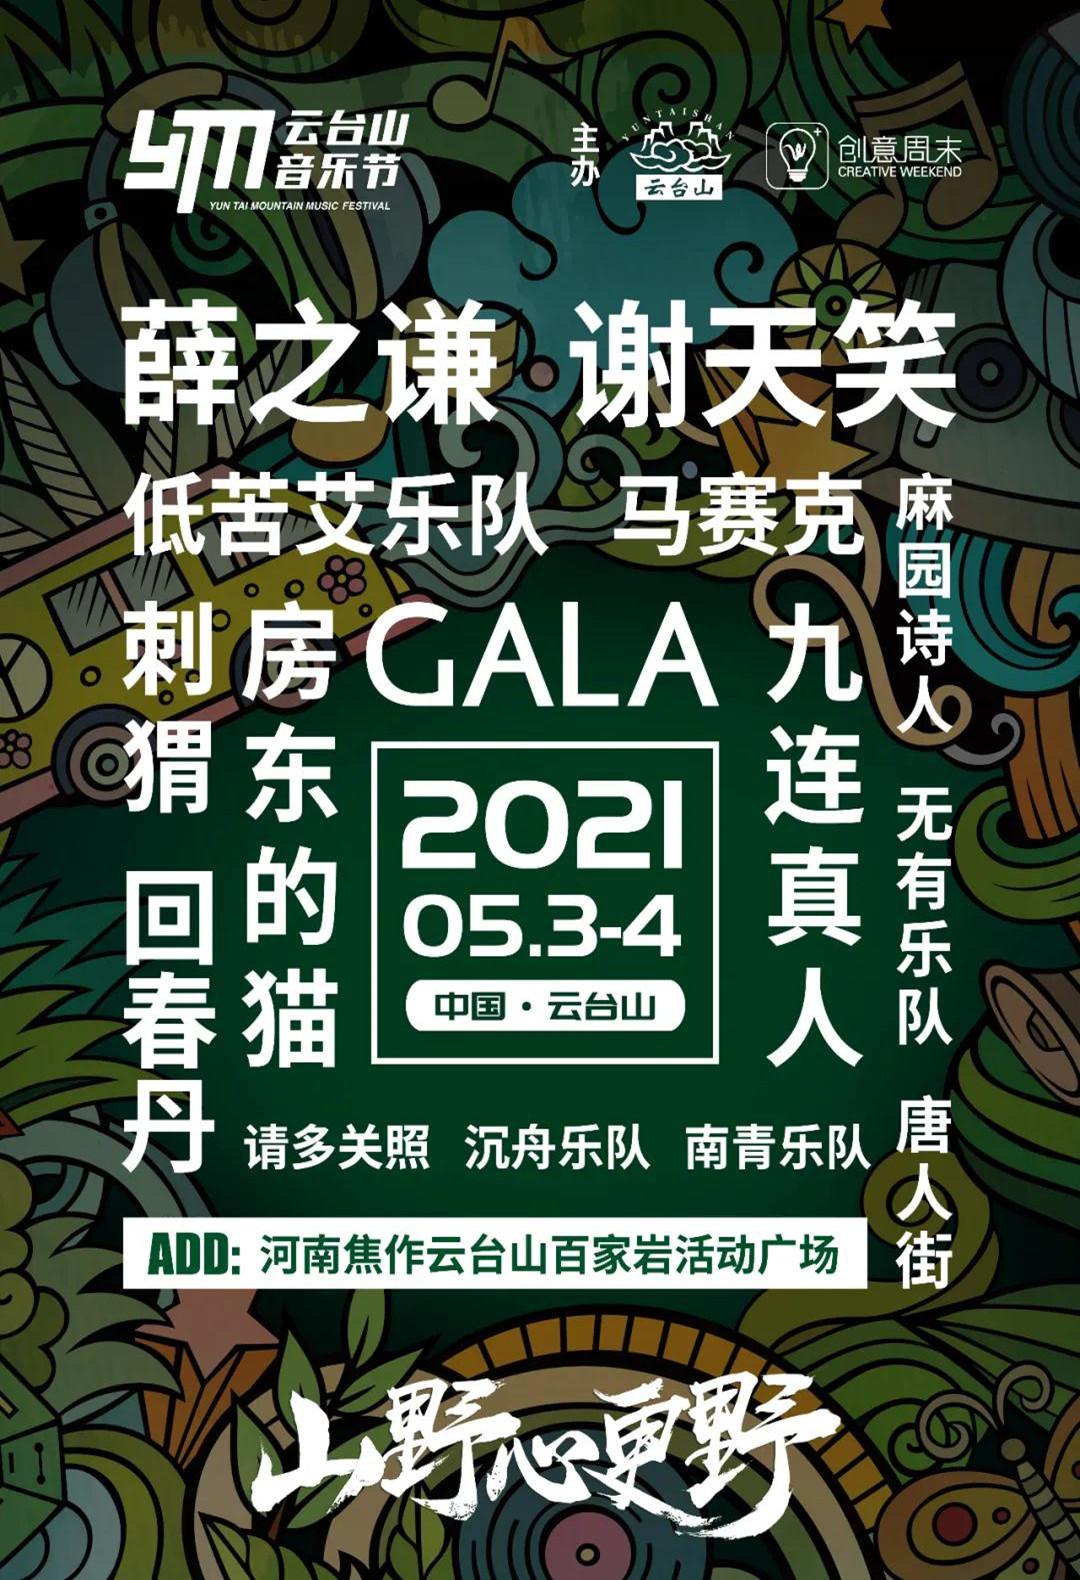 2021云台山音乐节门票在哪买?几点开始?